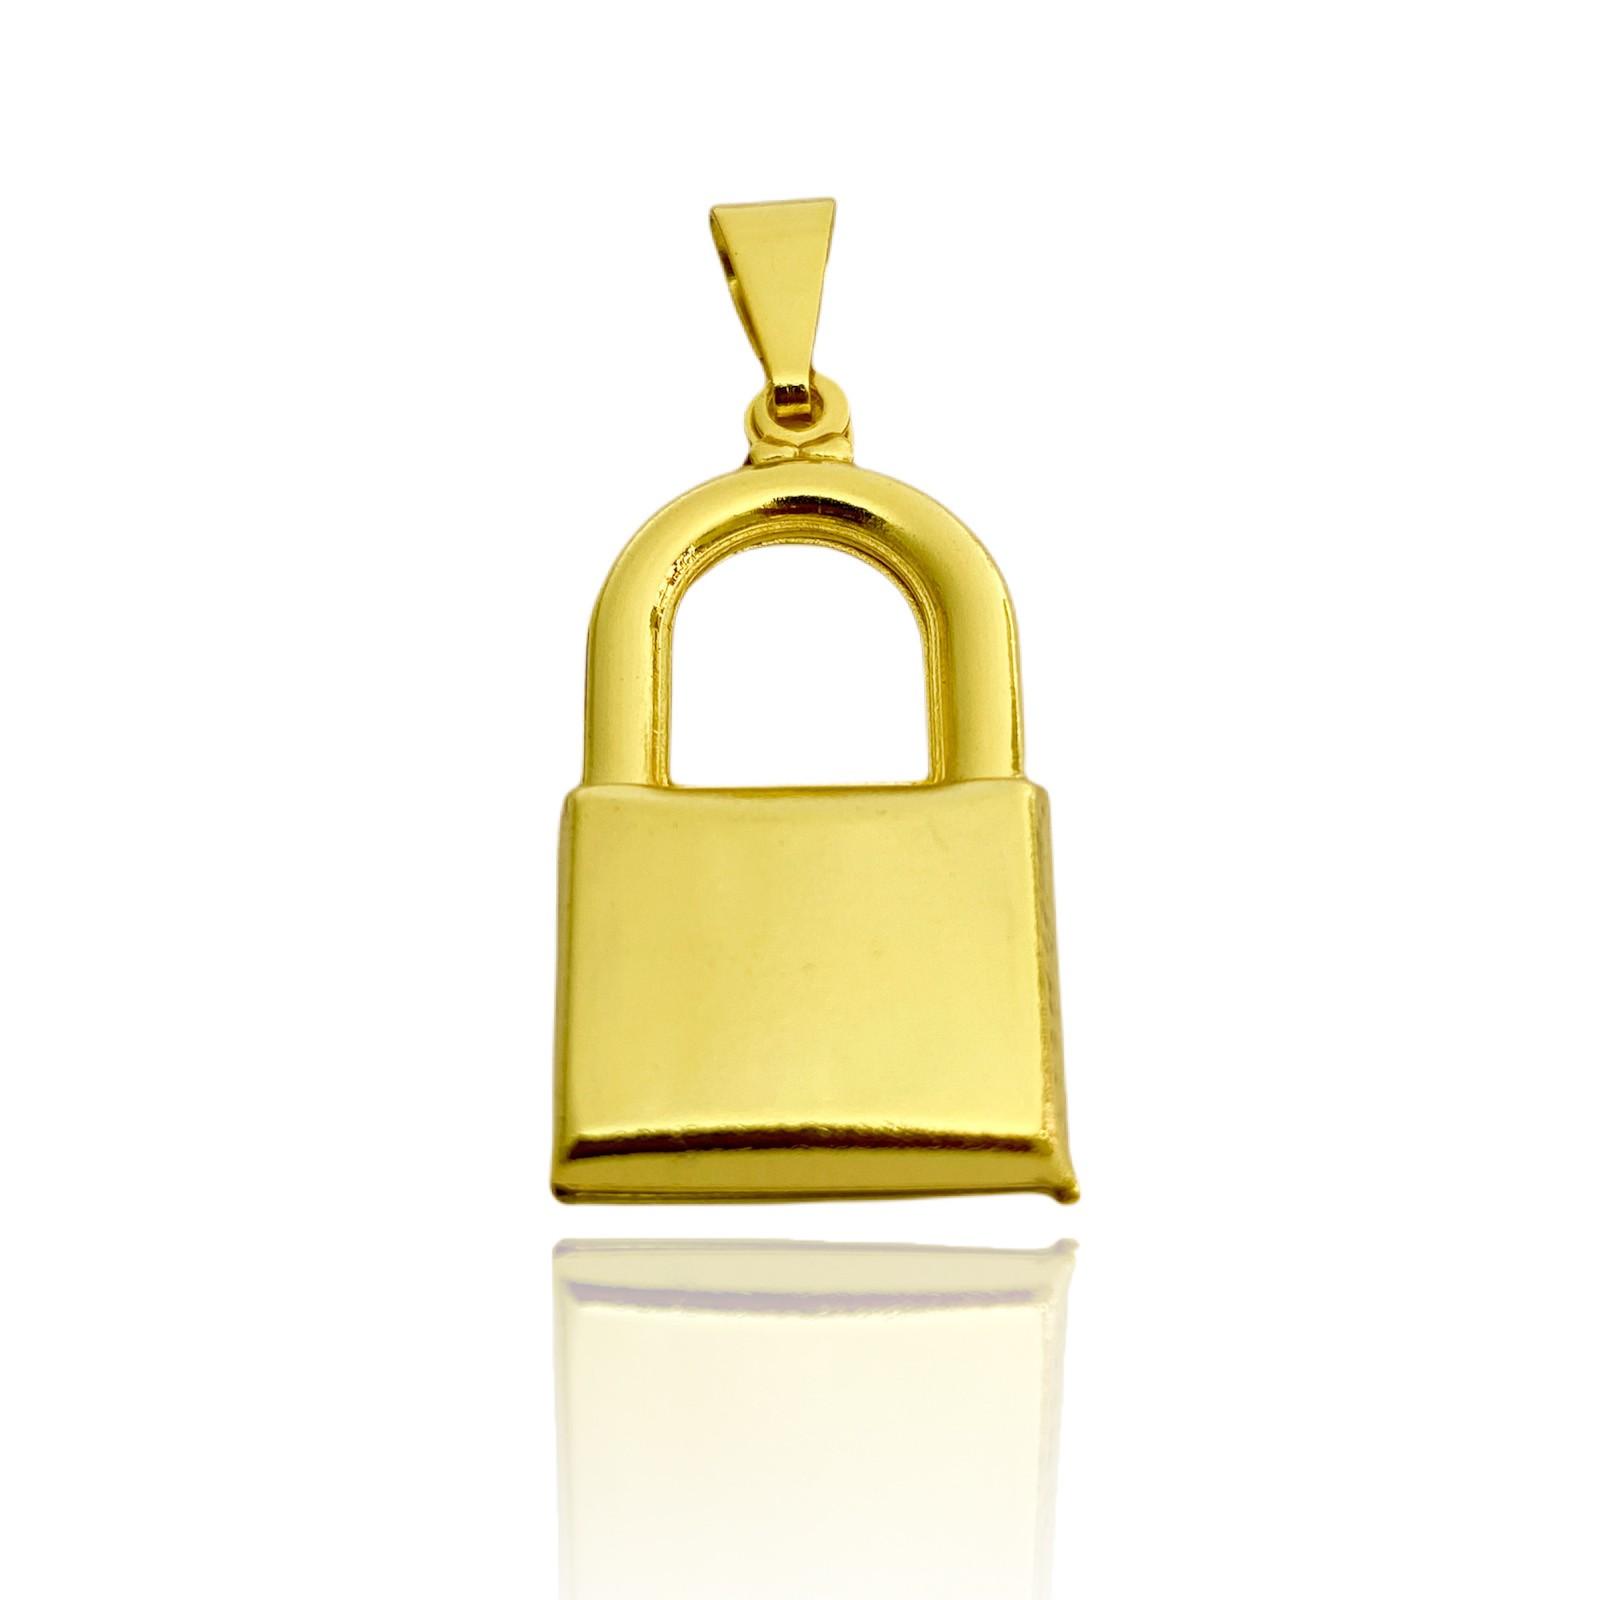 Pingente Cadeado Oco (3cmX1,7cm) (Banho Ouro 24k)